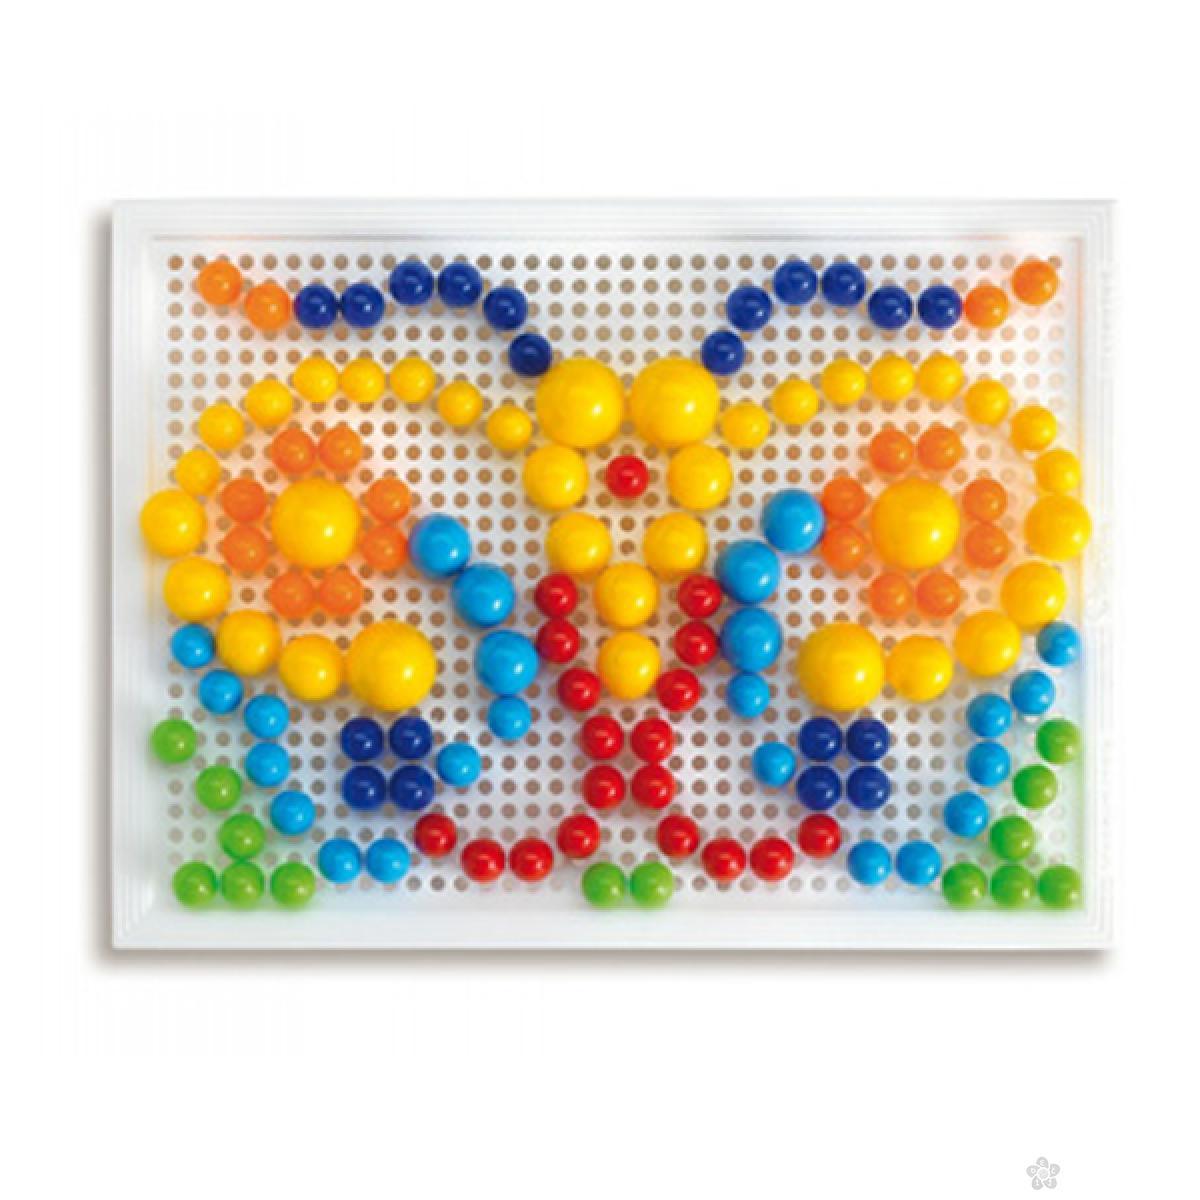 Mozaik Quercetti Portabl 160 delova, 09208